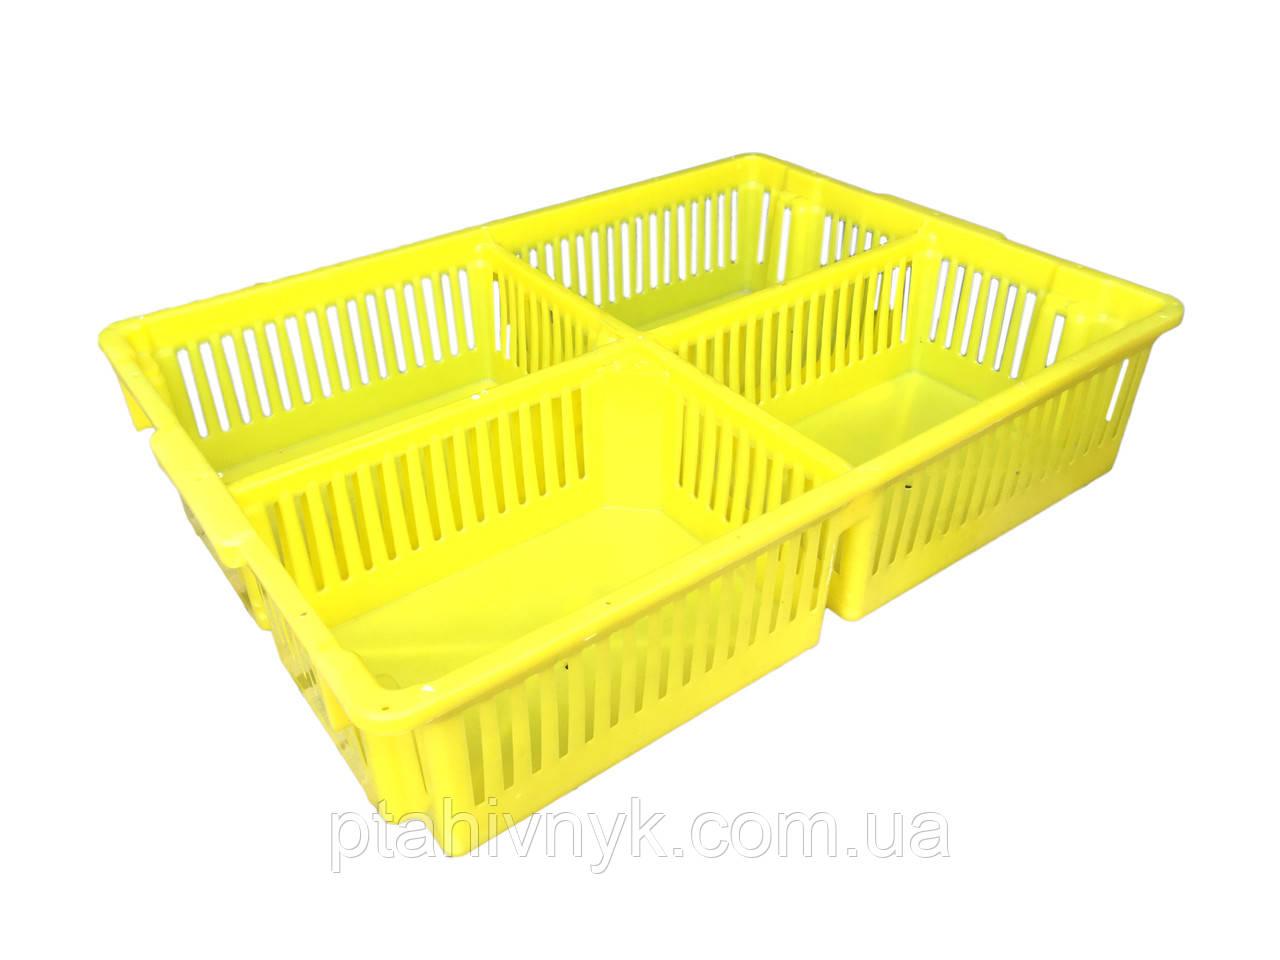 Ящик большой для перевозки суточных цыплят с четырьмя  делениями